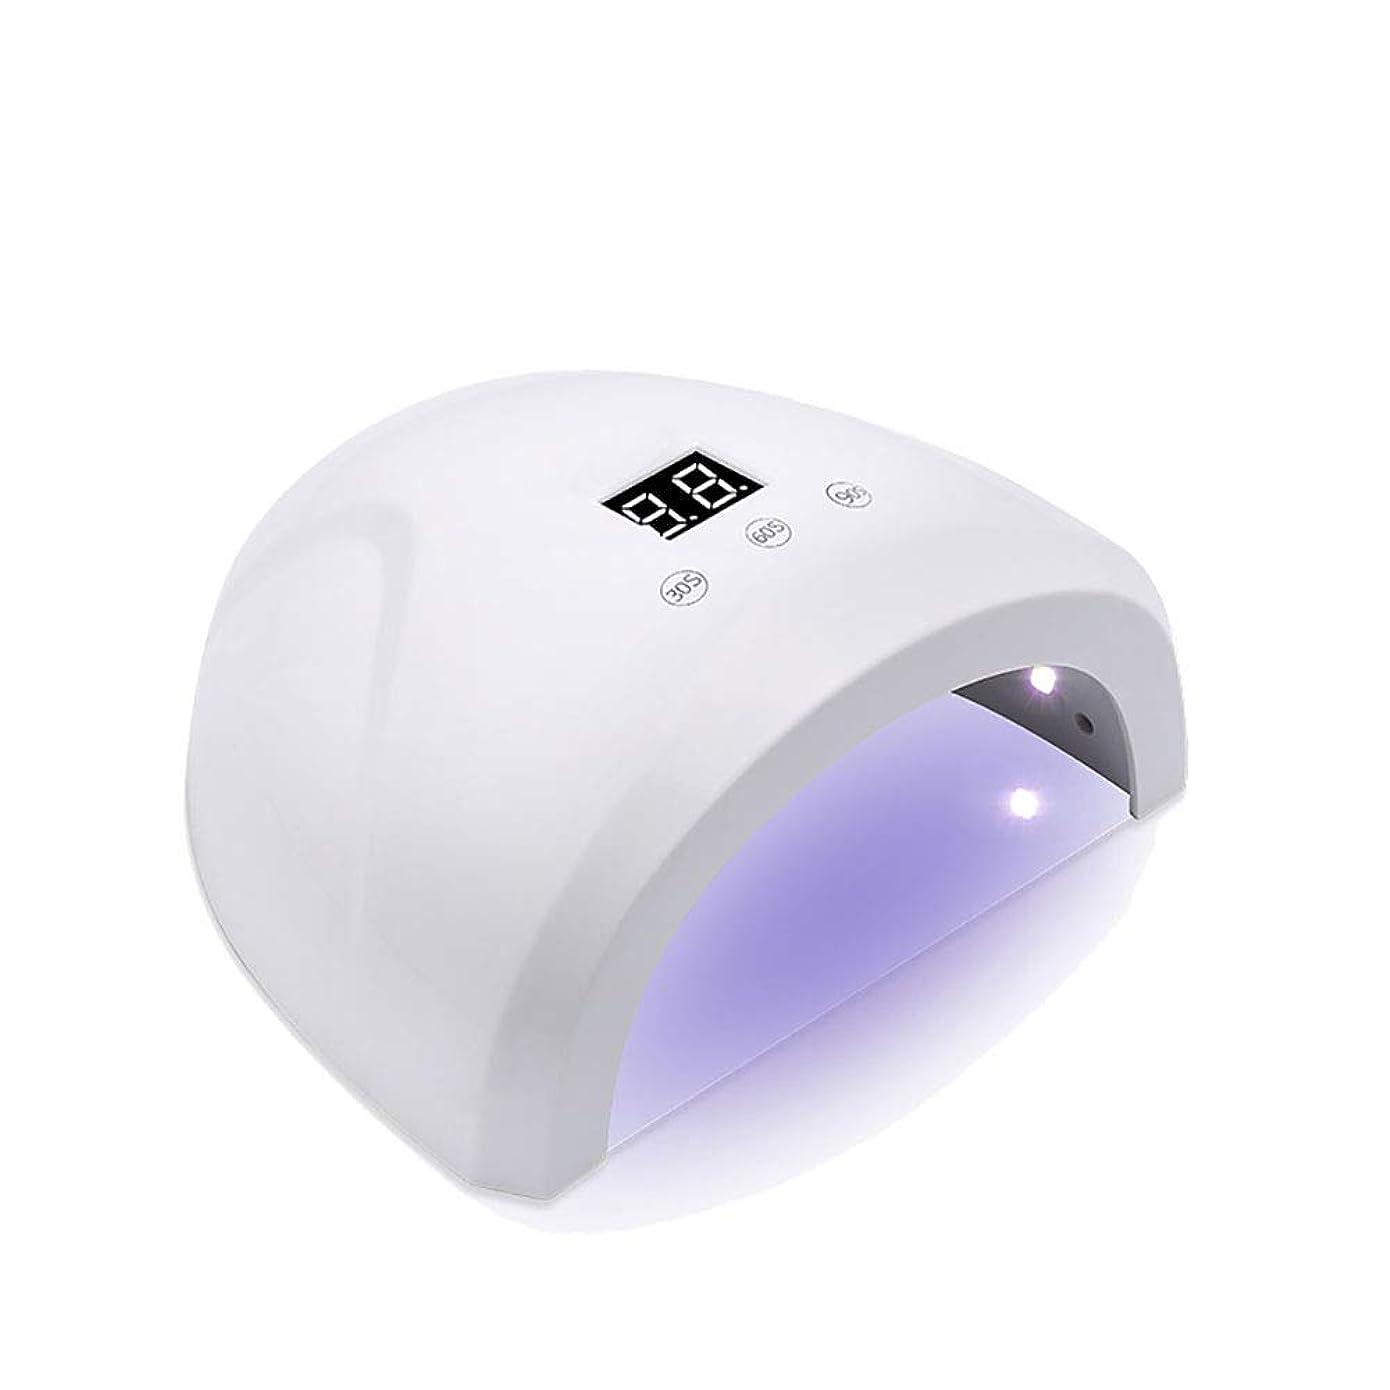 釘のドライヤー - 自動赤外線センサー、二重光源のLEDランプのゲルのドライヤーのマニキュアが付いている紫外線携帯用LEDの釘ランプ